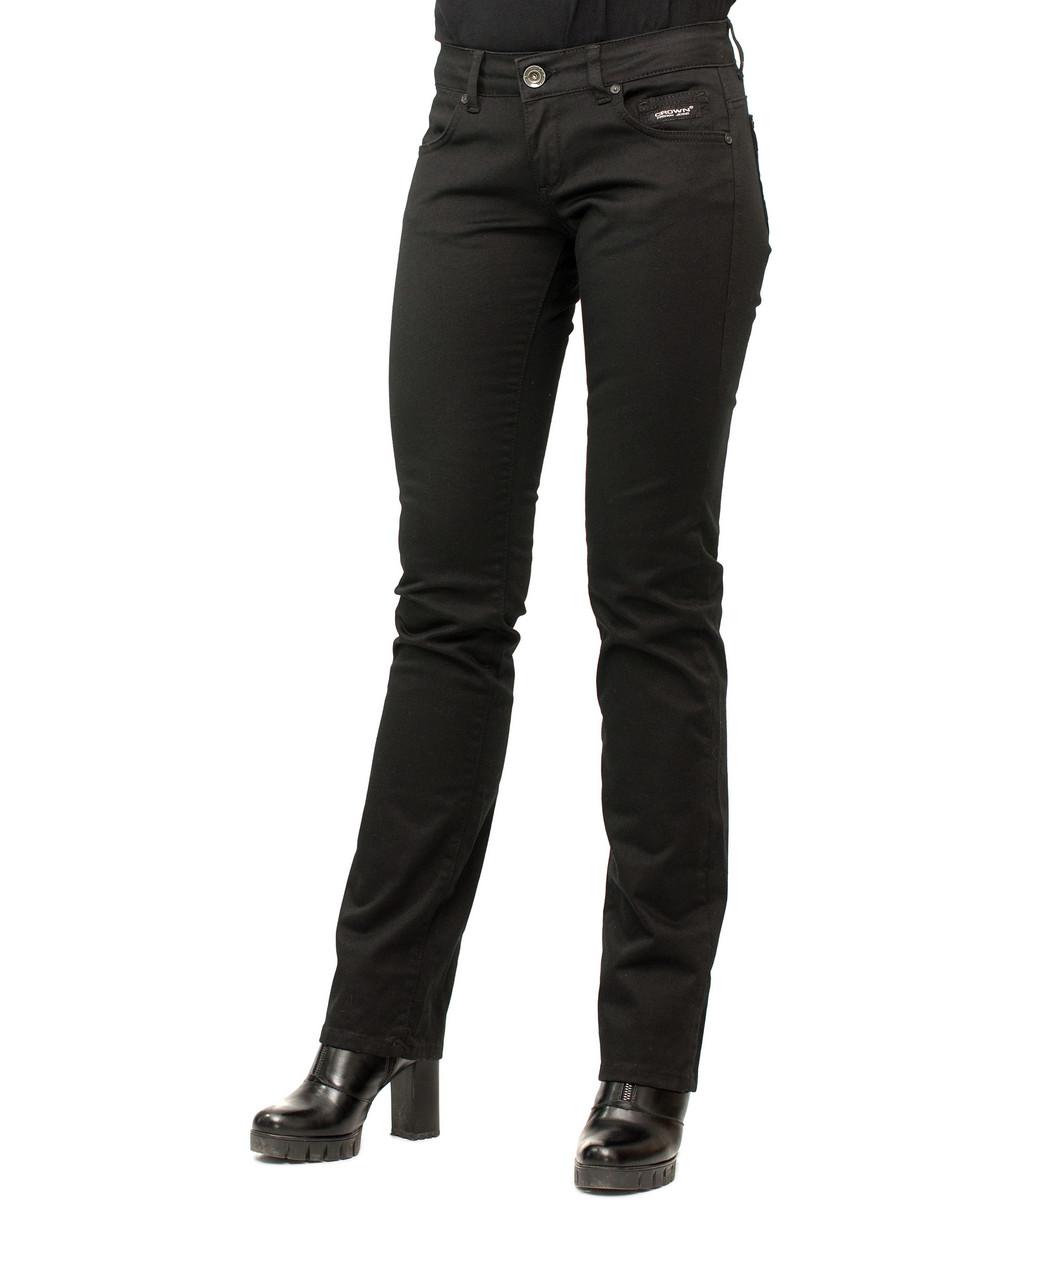 ac69494d23e Джинсы Женские Crown Jeans Модель 1002 SL (BL STN LYC) — в Категории ...